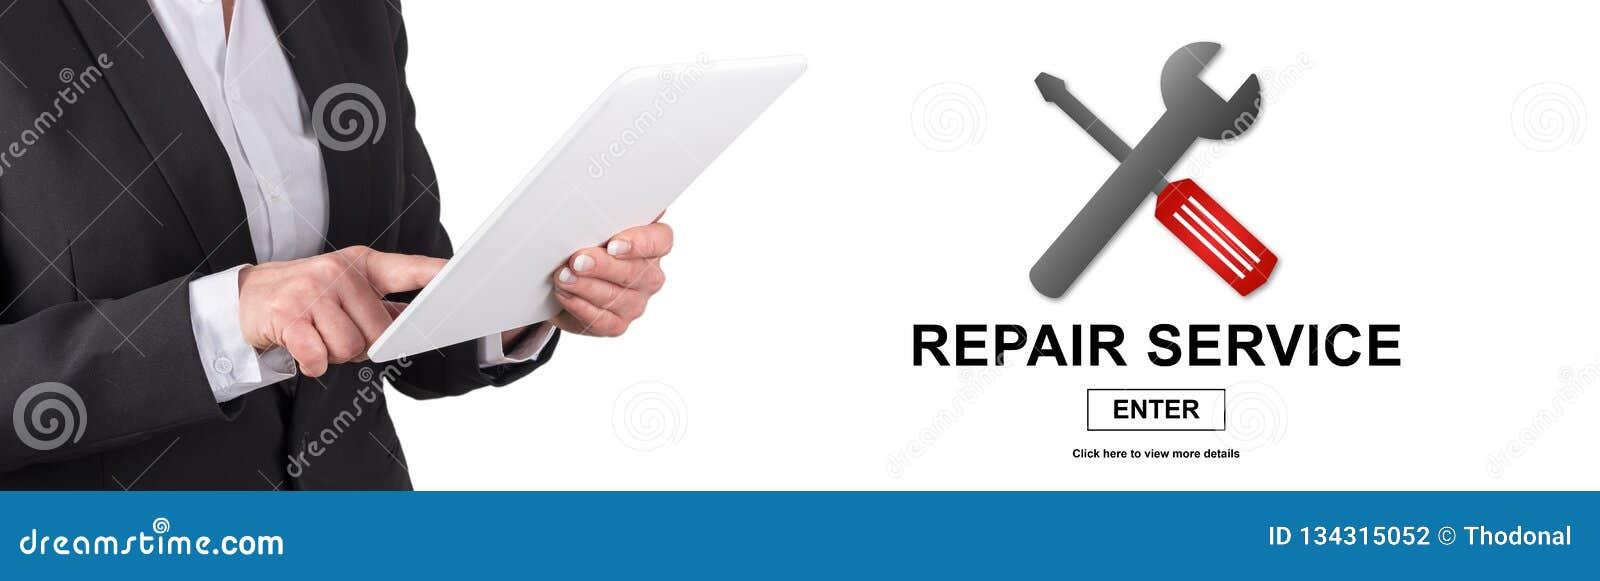 Conceito do serviço de reparações